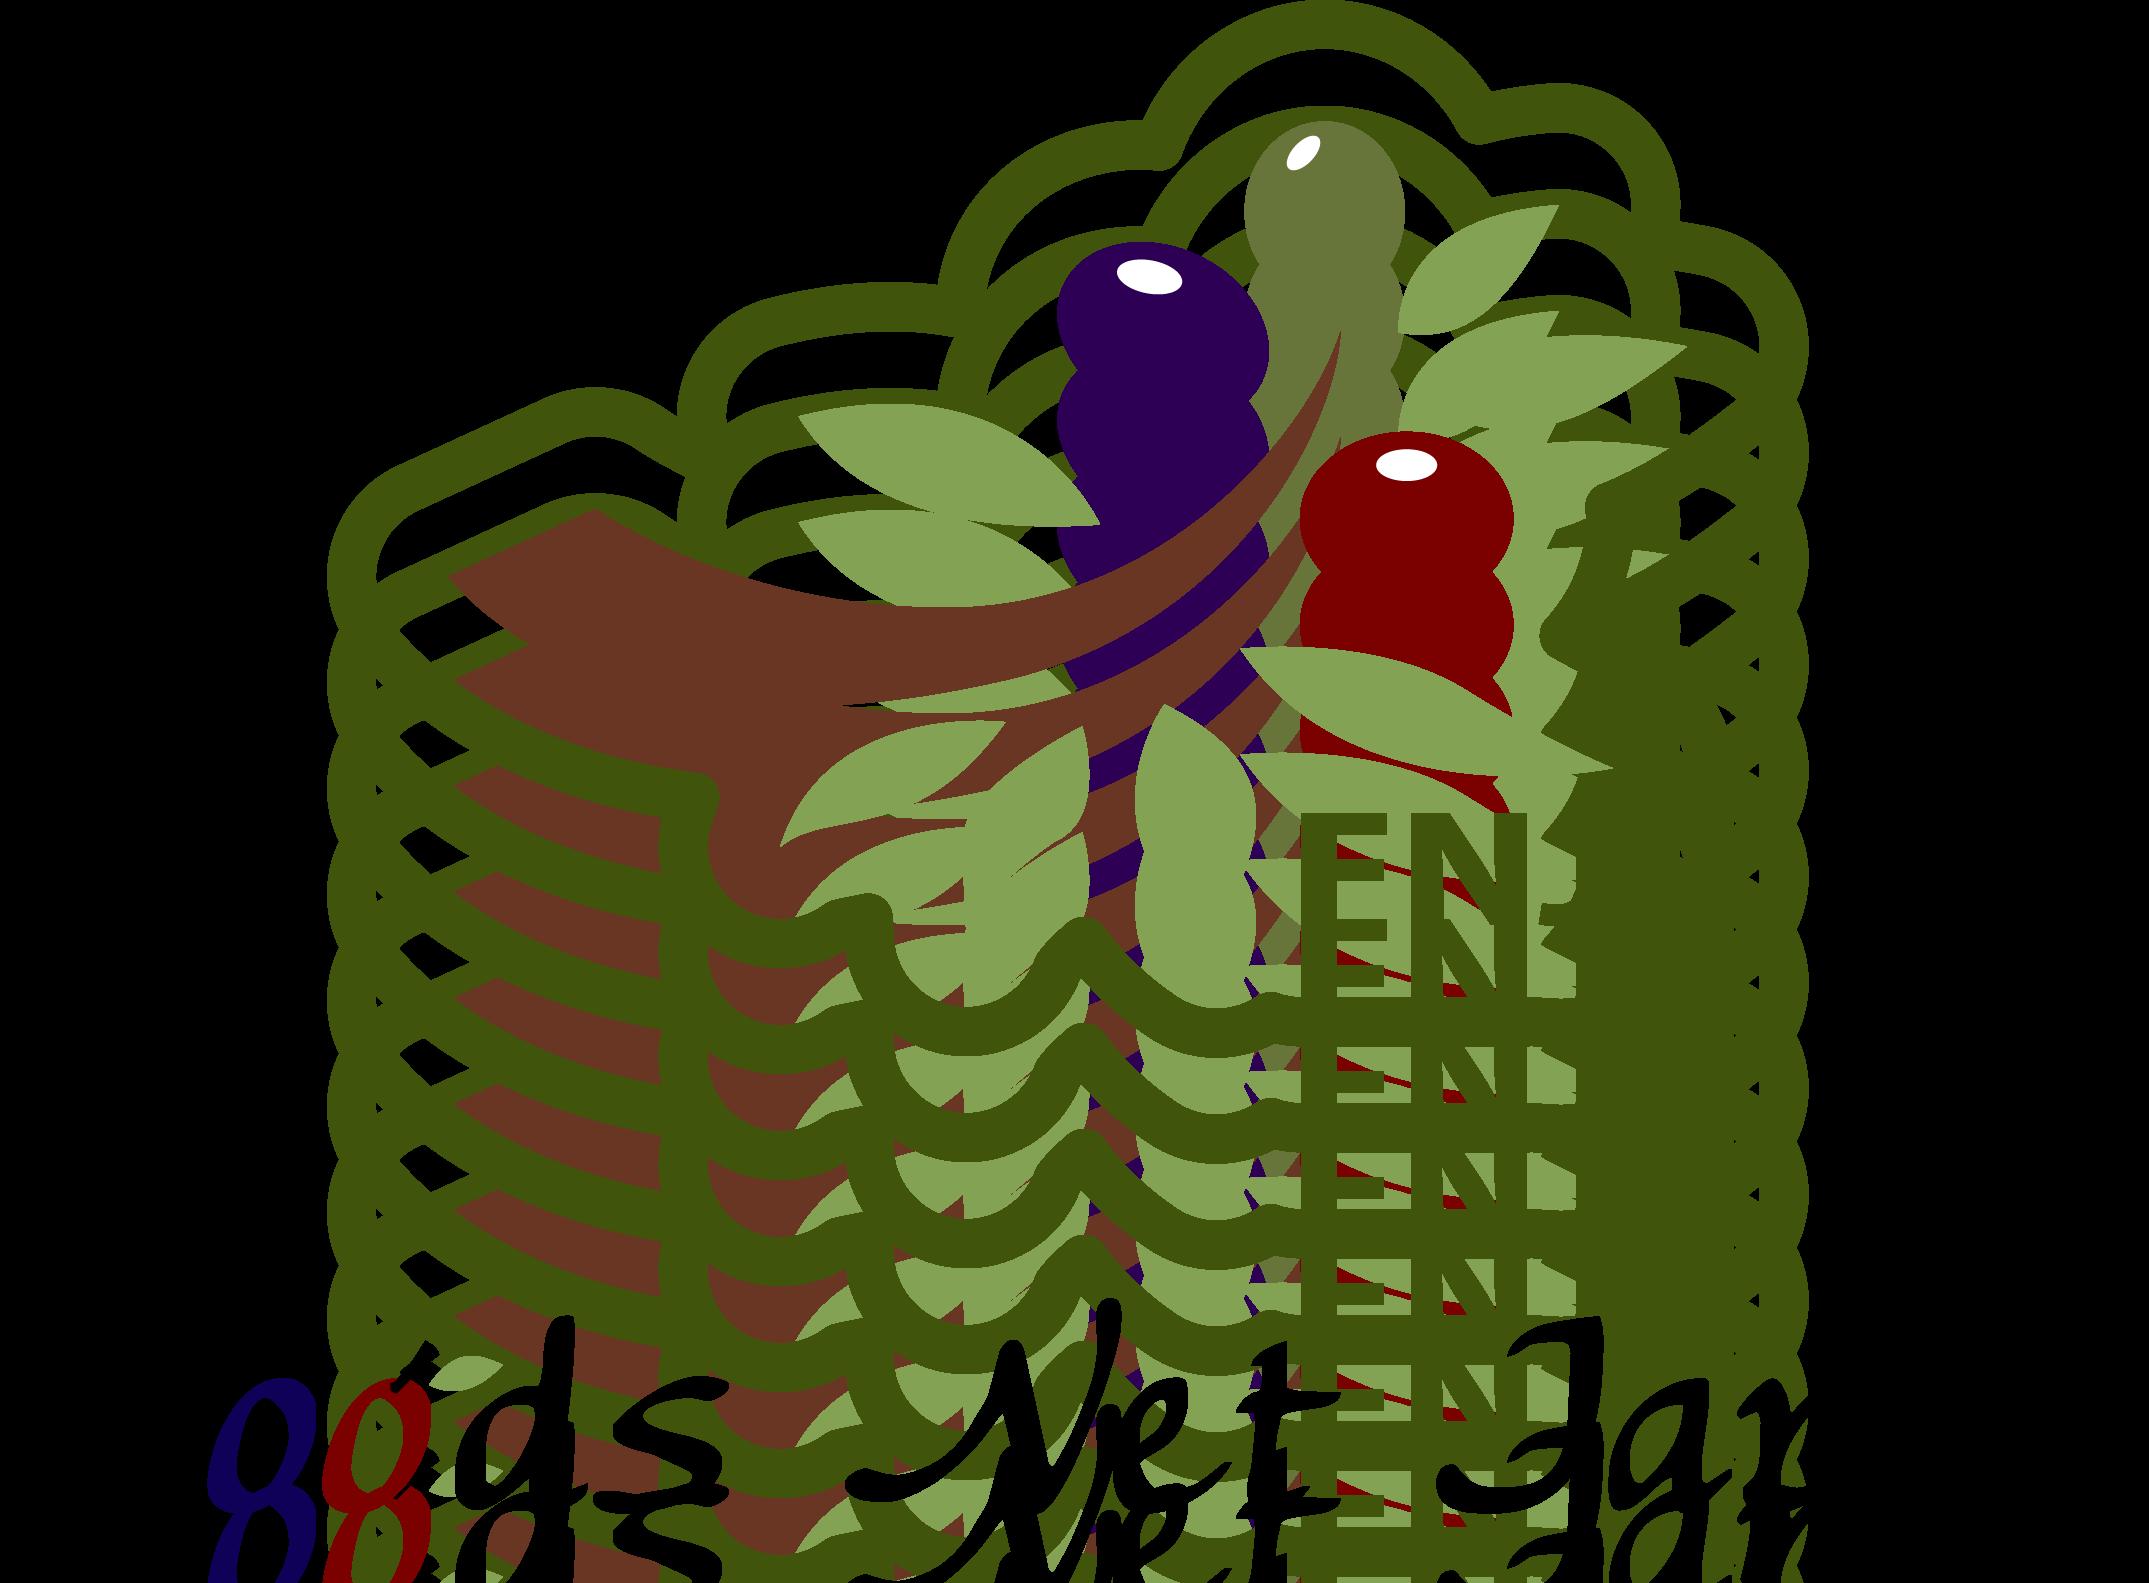 飲食業と親しみ/優しいとマルチカラーのロゴ